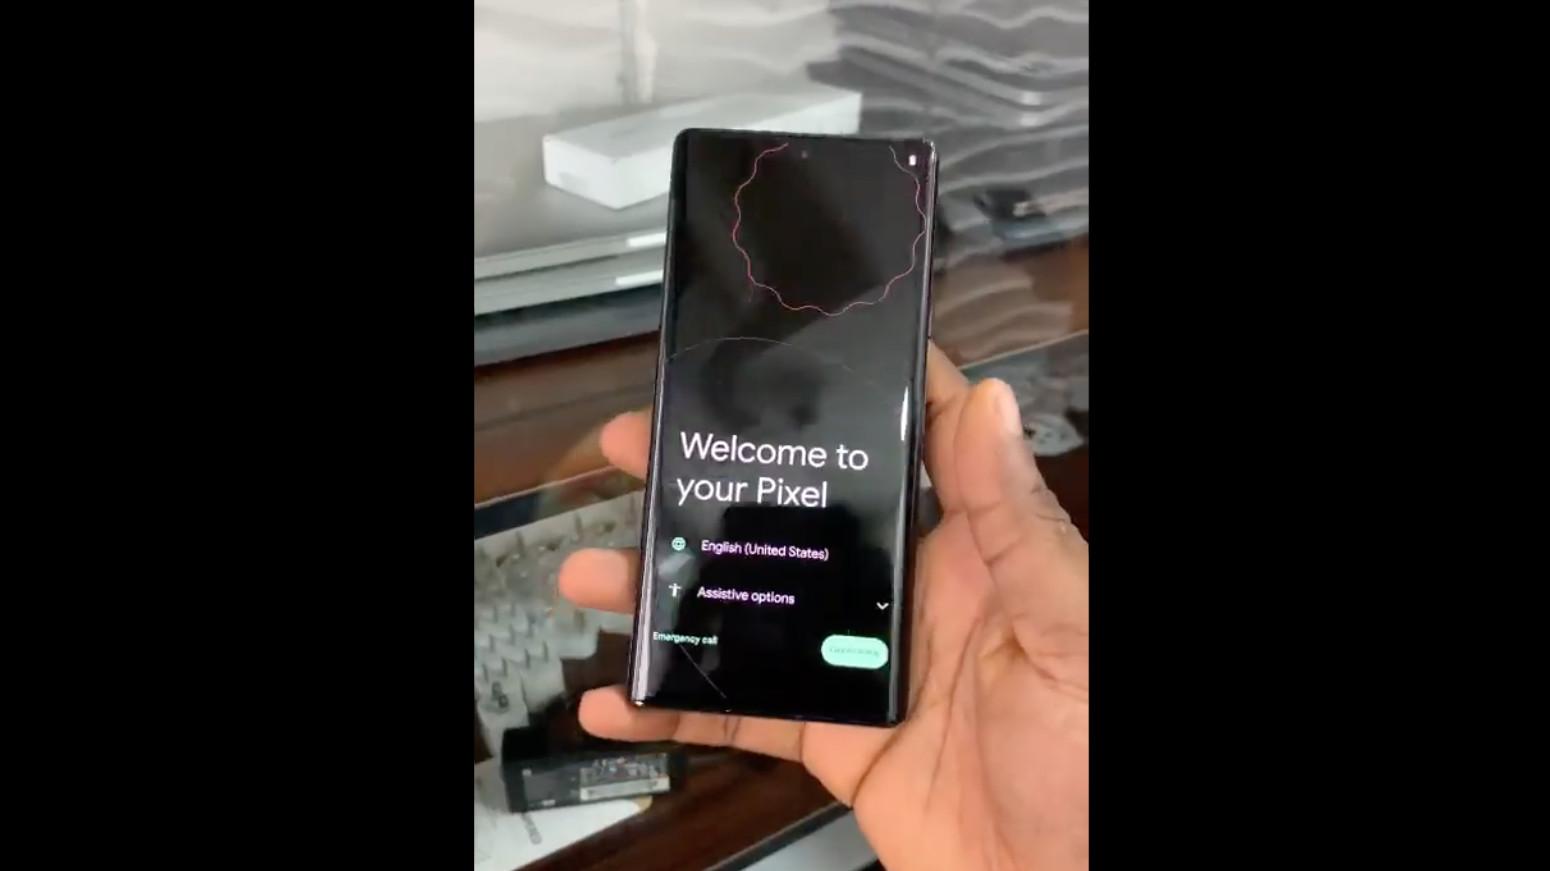 Google Pixel 6 Pro in user's hand